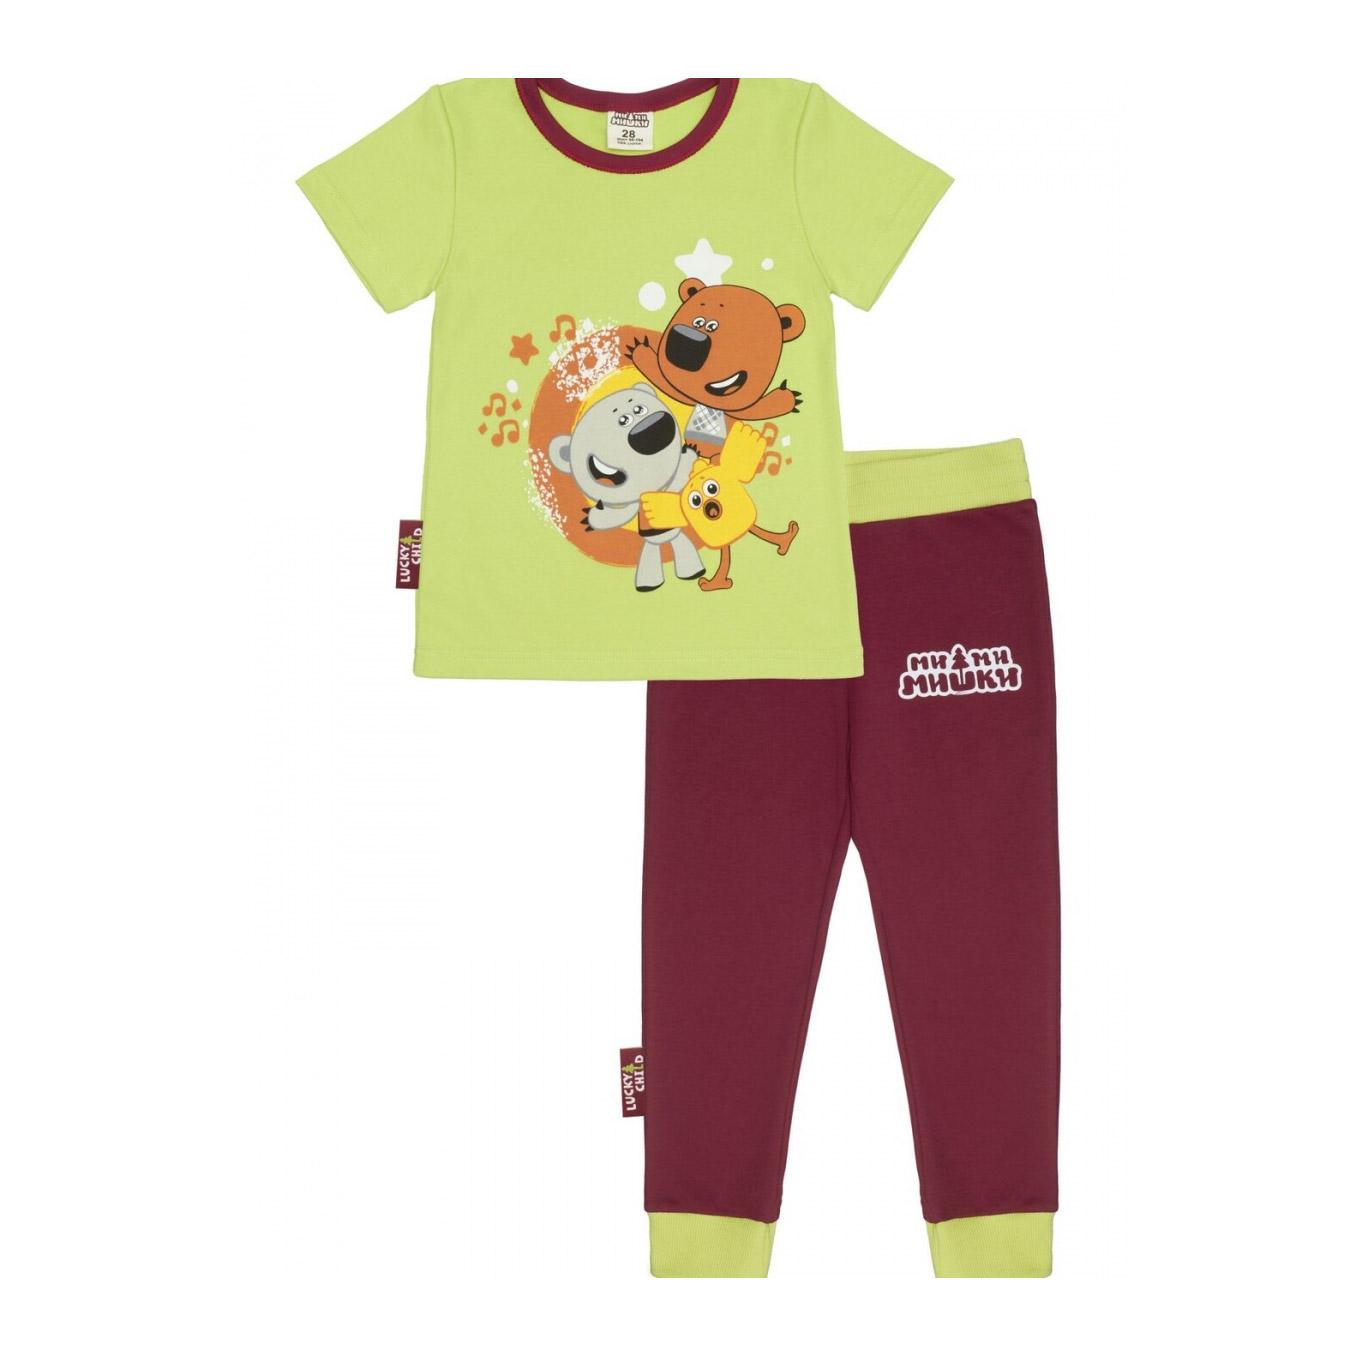 Купить Пижама Lucky Child с брюками МИ-МИ-МИШКИ зелёная 116-122, Зеленый, Интерлок, Для мальчиков, Всесезонный,